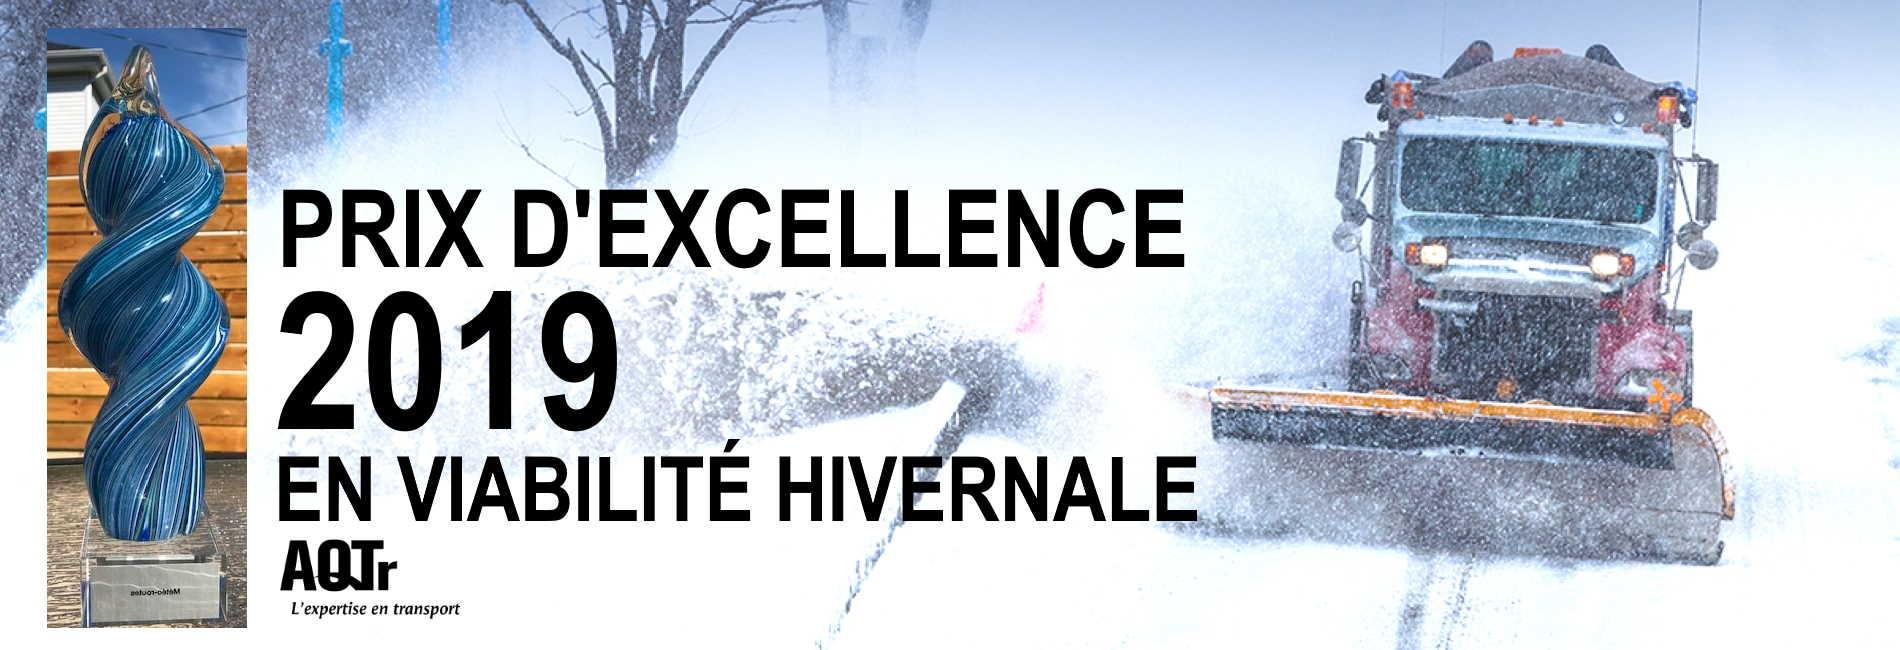 AQTR Excellence 2019 Viabilité Hivernale